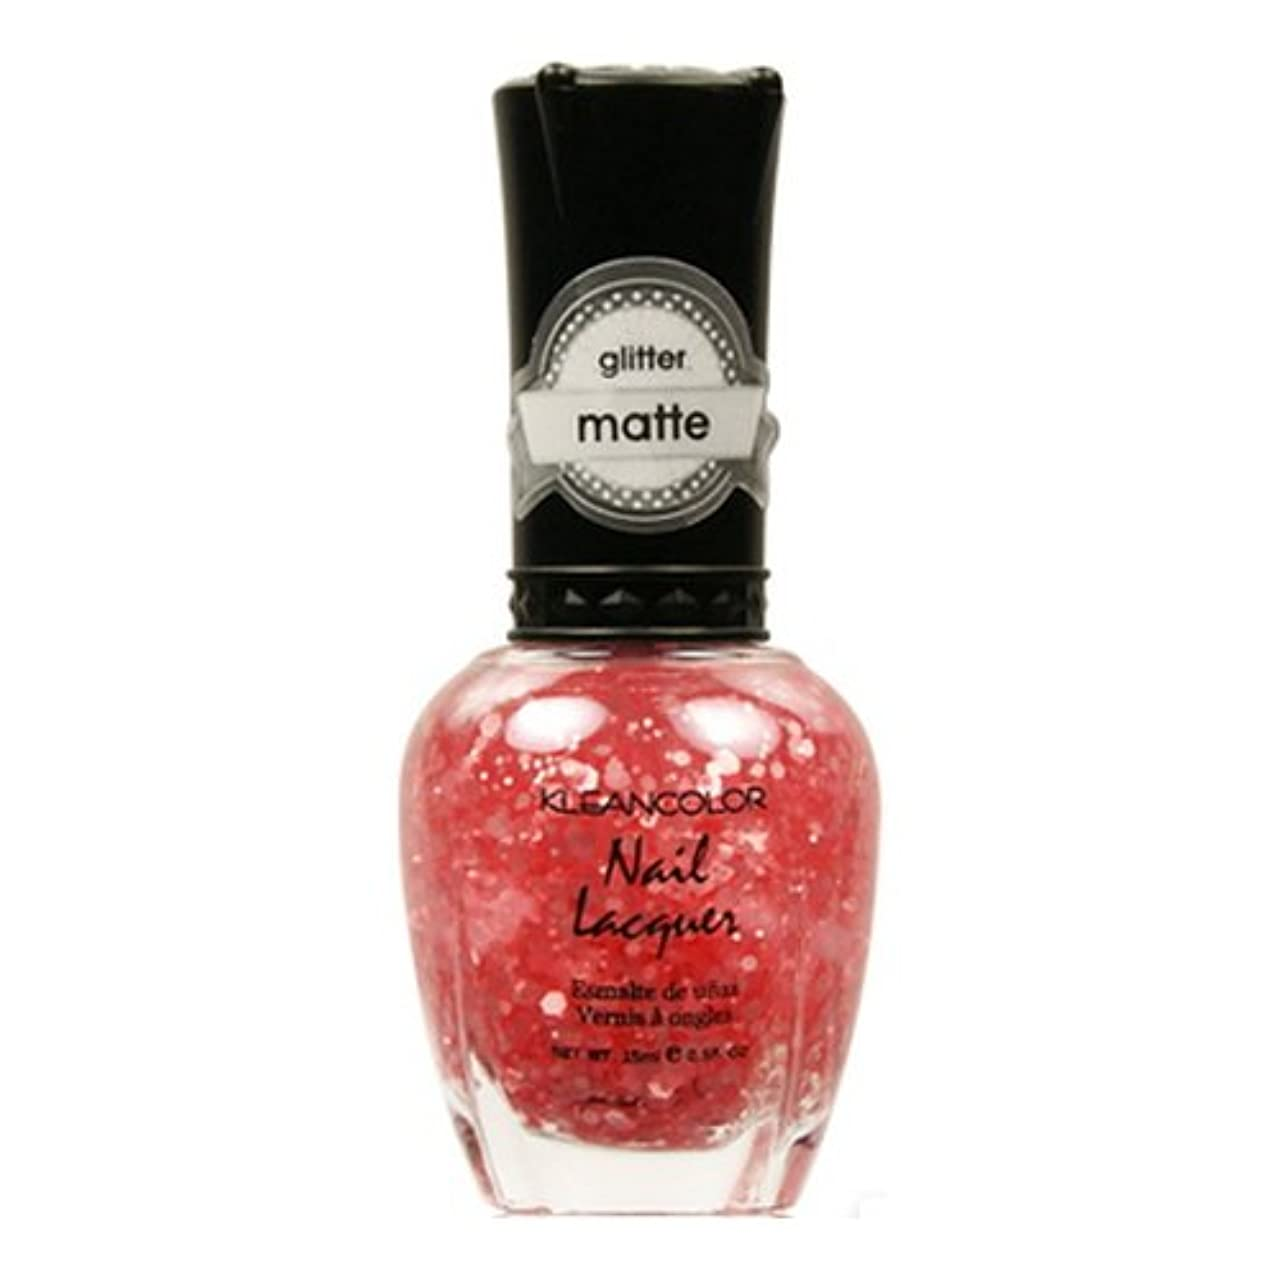 犯人ボンド最初は(6 Pack) KLEANCOLOR Glitter Matte Nail Lacquer - Blush Pink (並行輸入品)